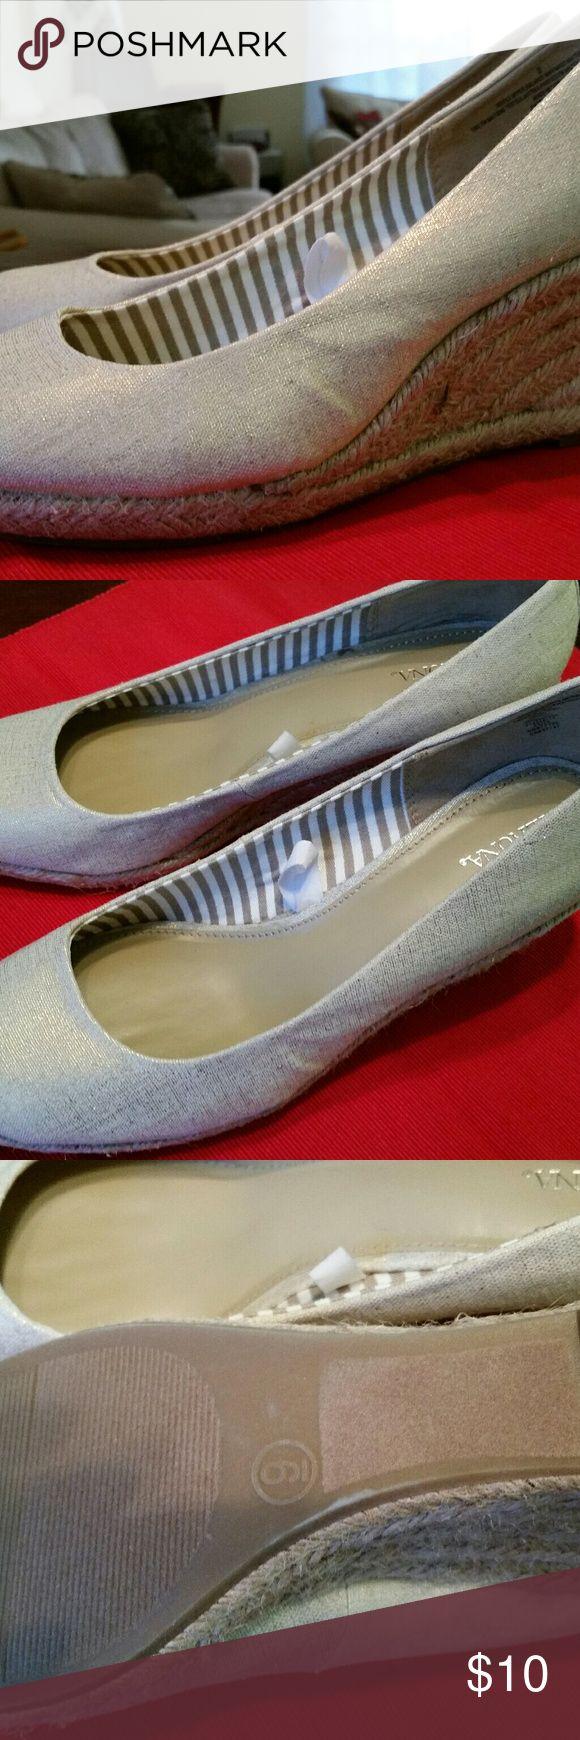 NWOT Merona Gold Espadrilles NWOT Never Been Worn Gold Espadrilles Size 9 Merona Shoes Espadrilles